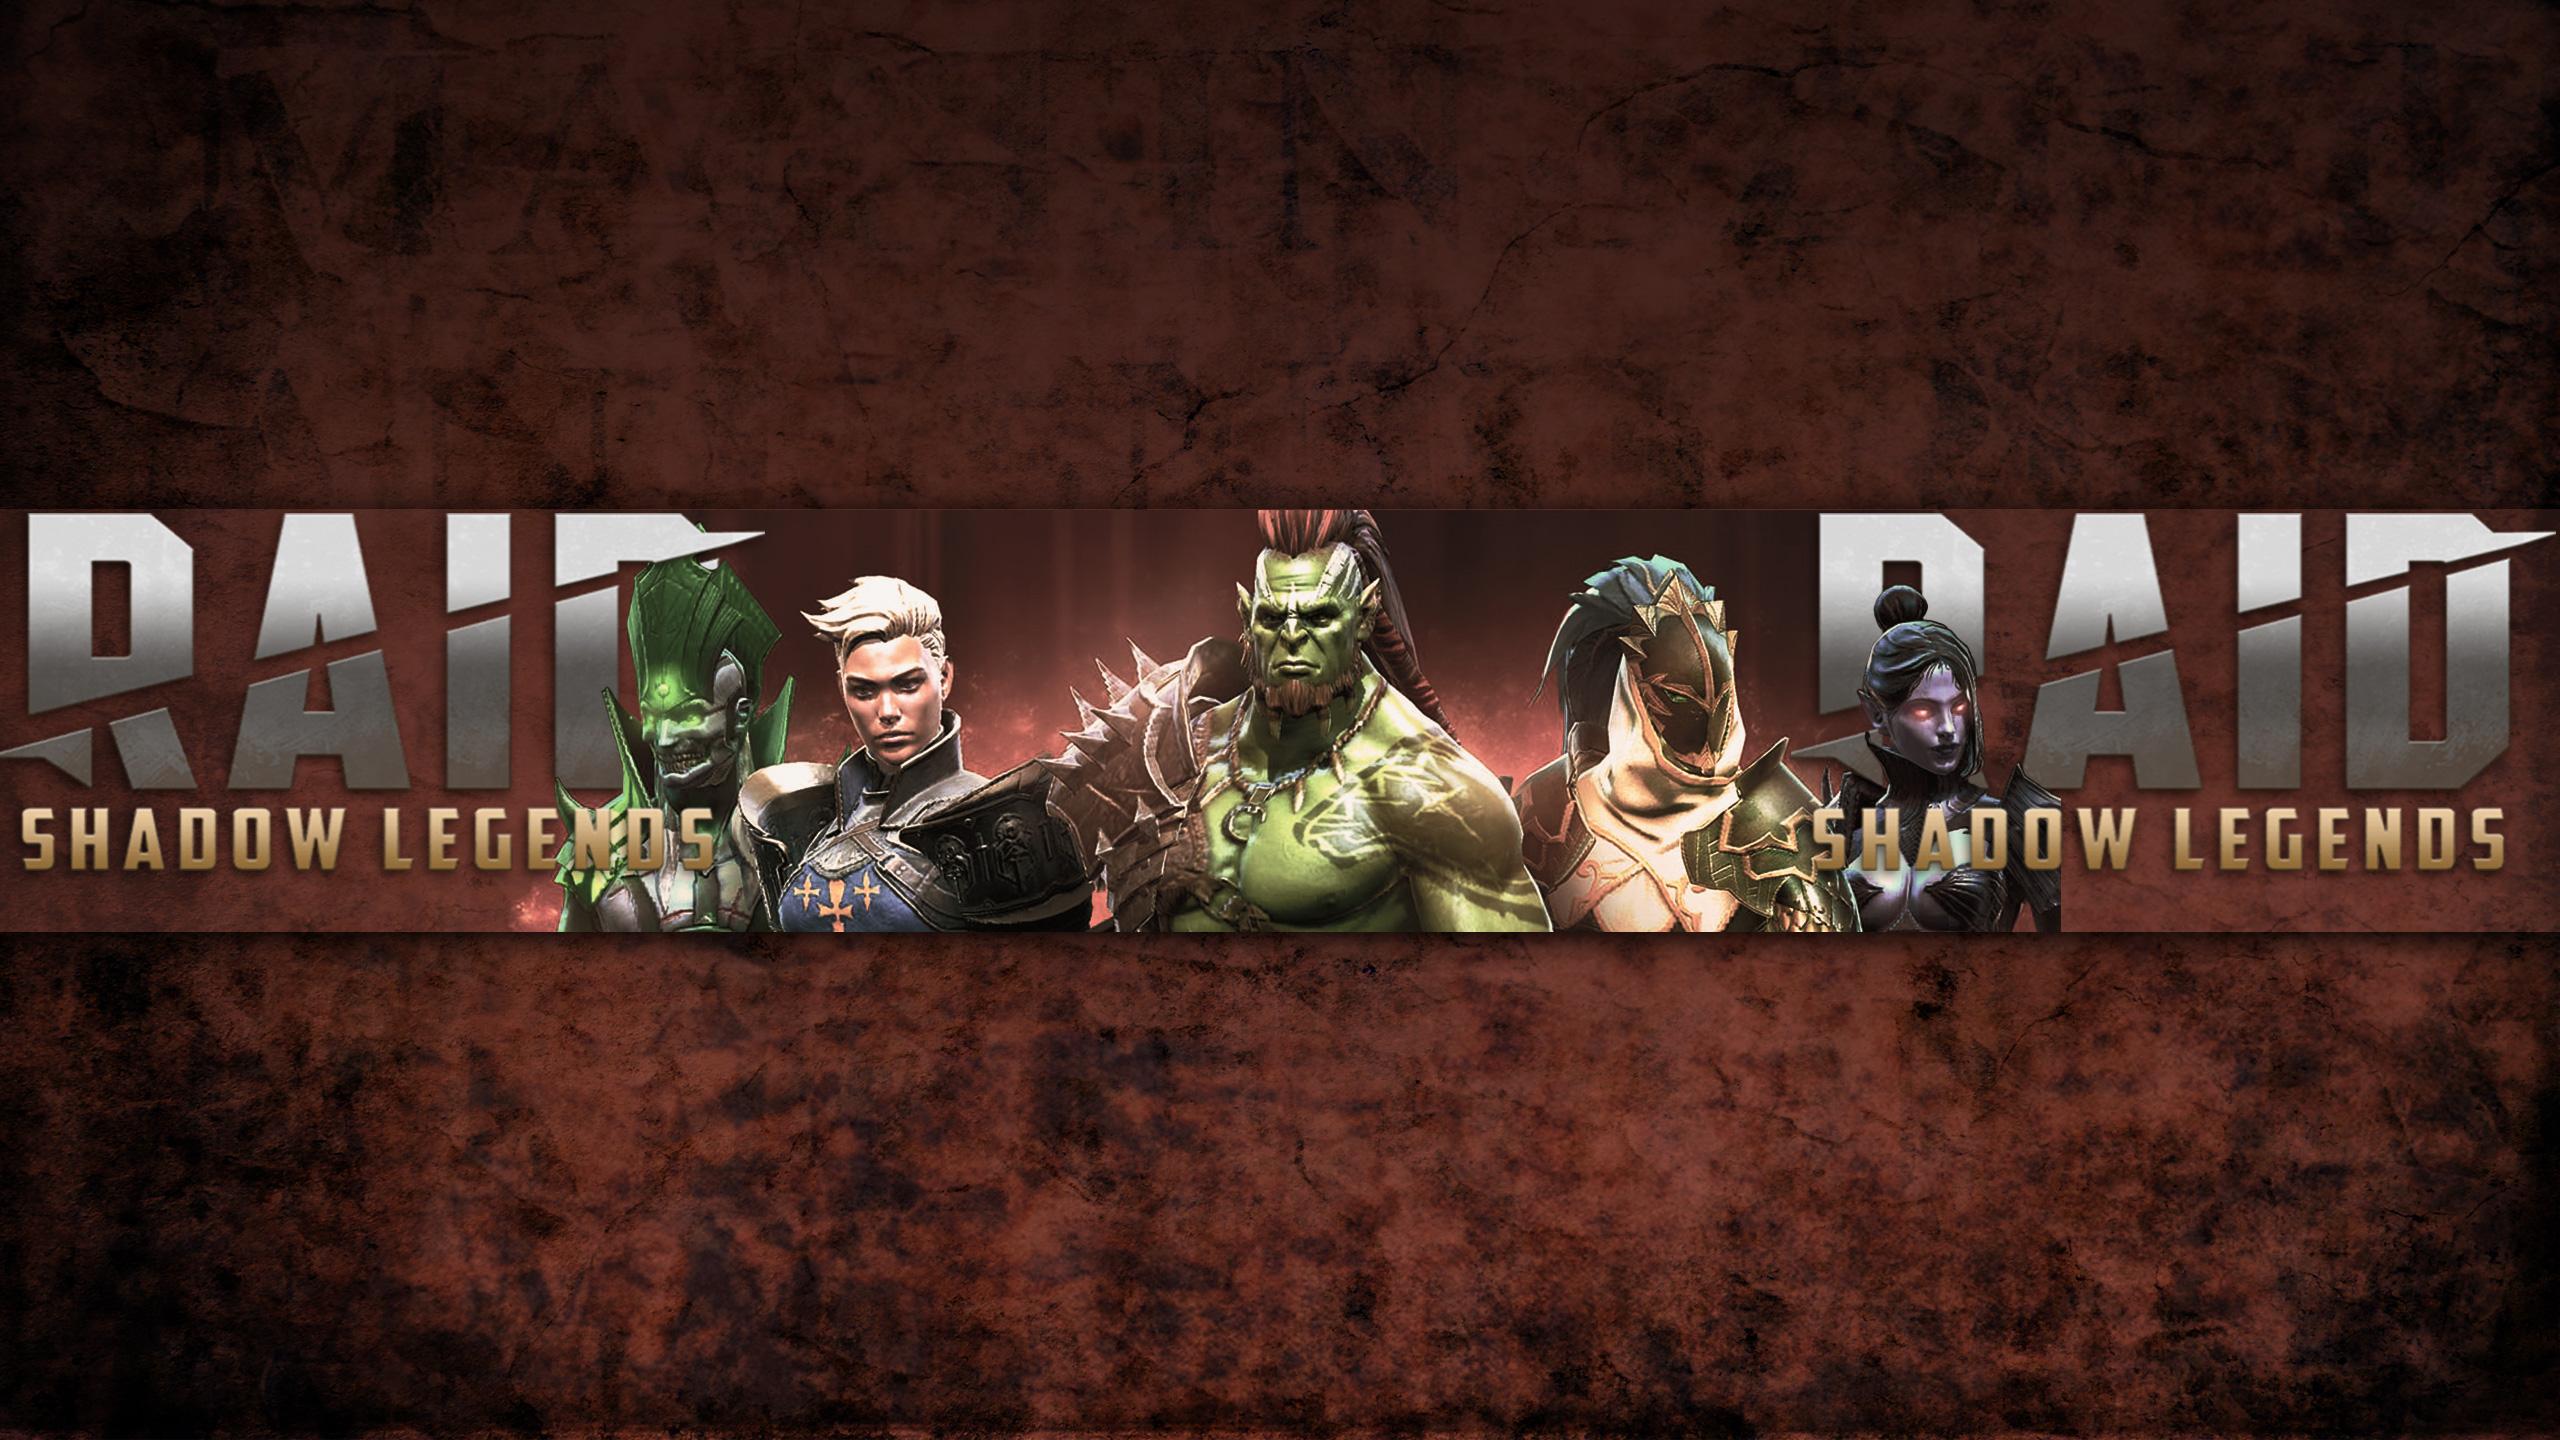 Картинка обложка для ютуба 2560 х 1440 с персонажами игры RAID Shadow Legends